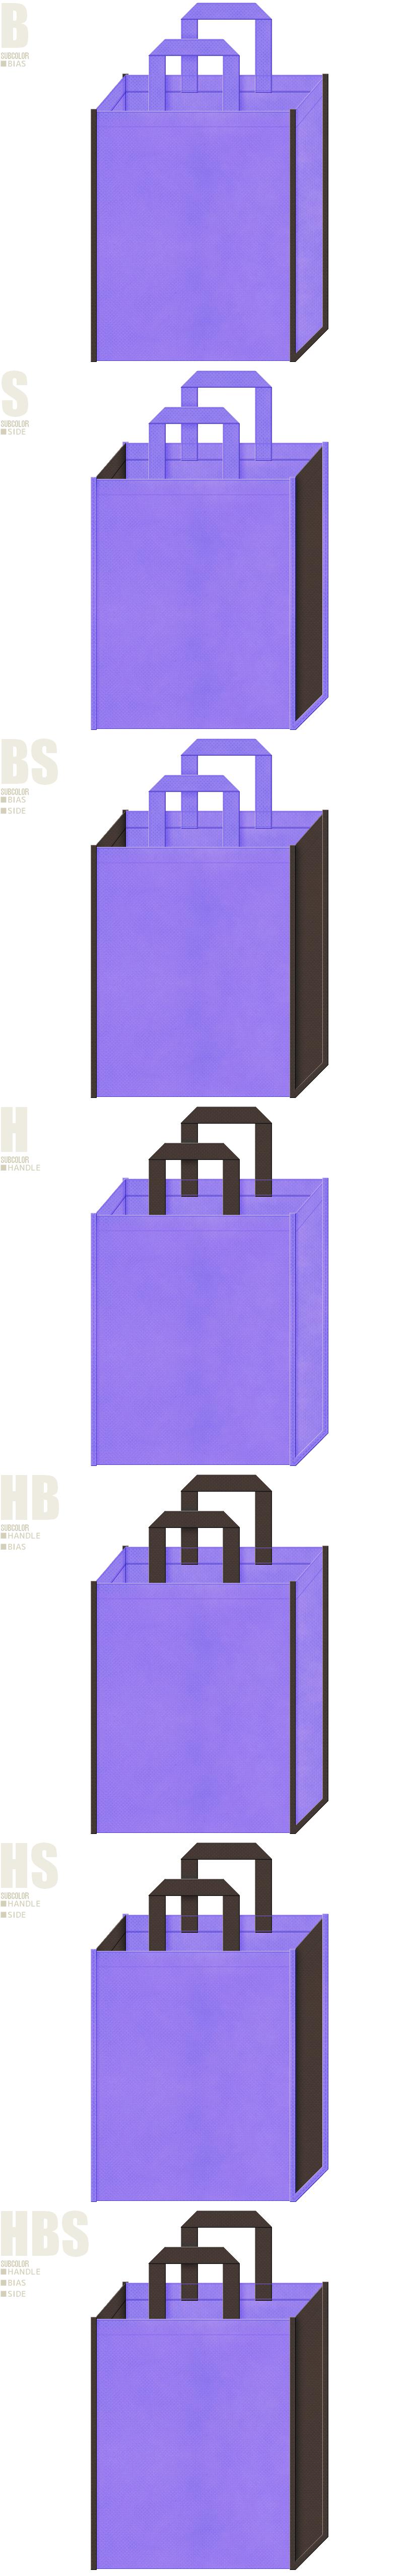 薄紫色とこげ茶色の配色7パターン:不織布トートバッグのデザイン。和風柄にお奨めの配色です。